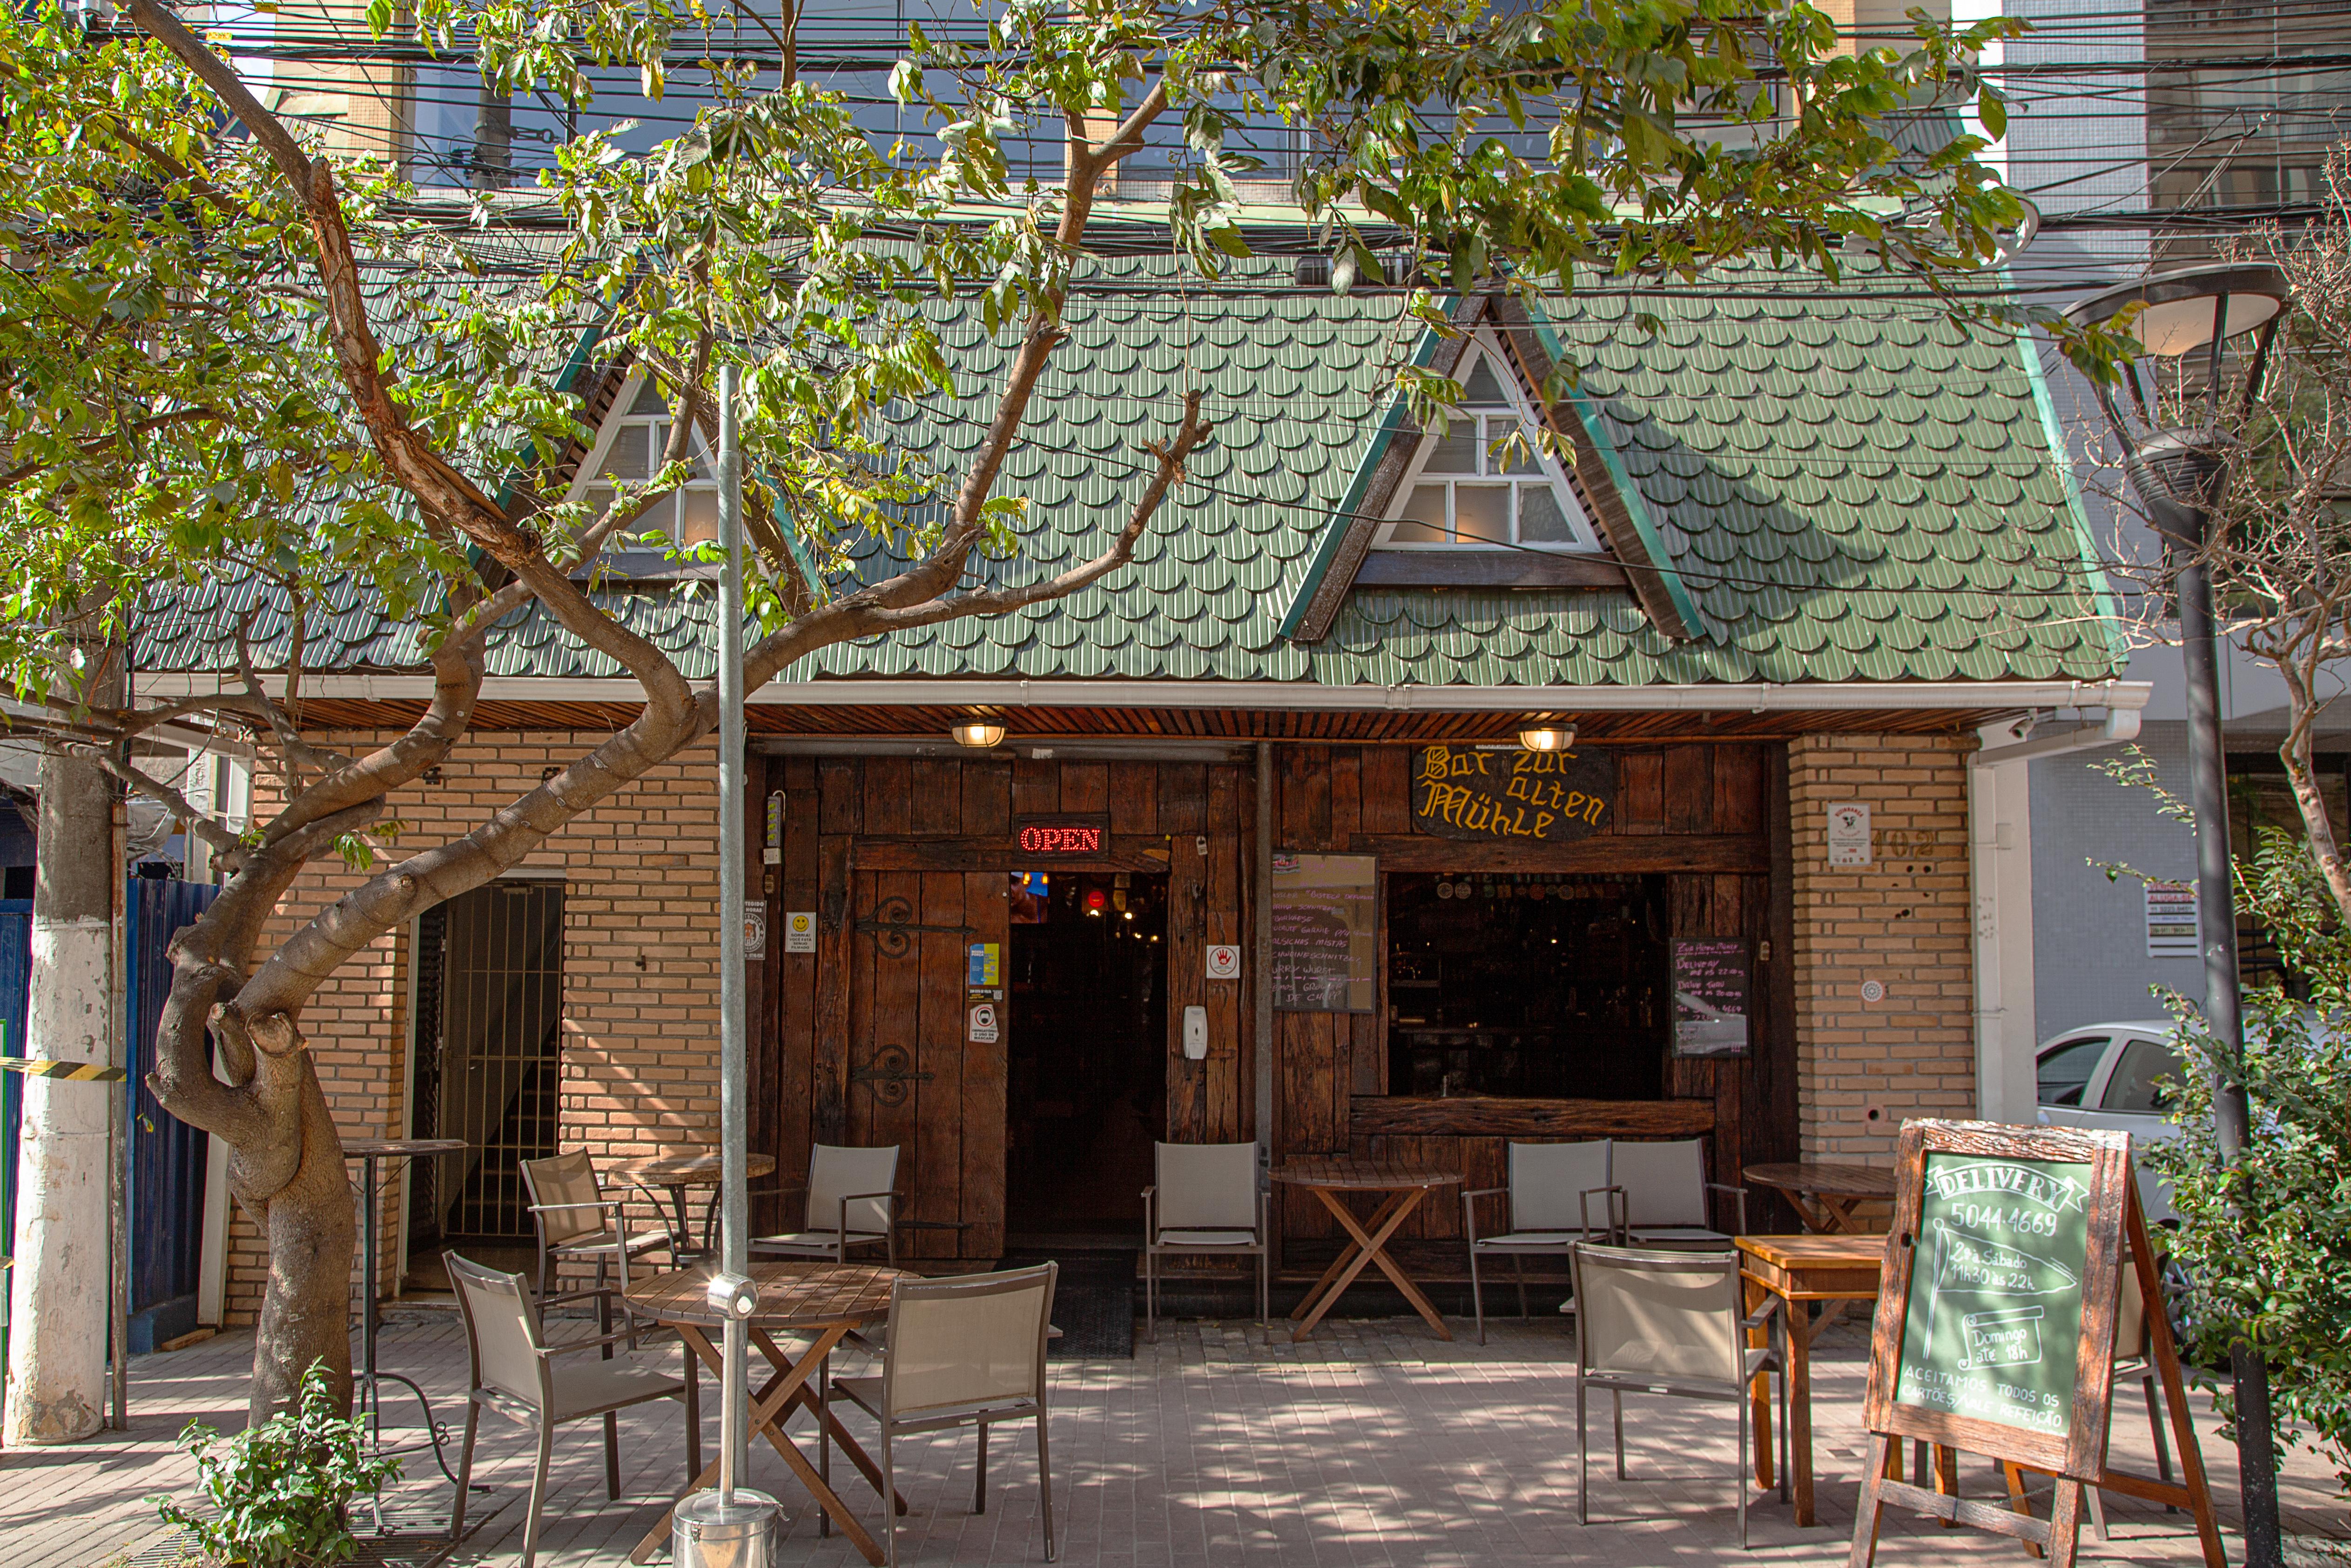 Fachada do bar Zur Alten Mühle, com telhadinho verde e parede de tijolos.